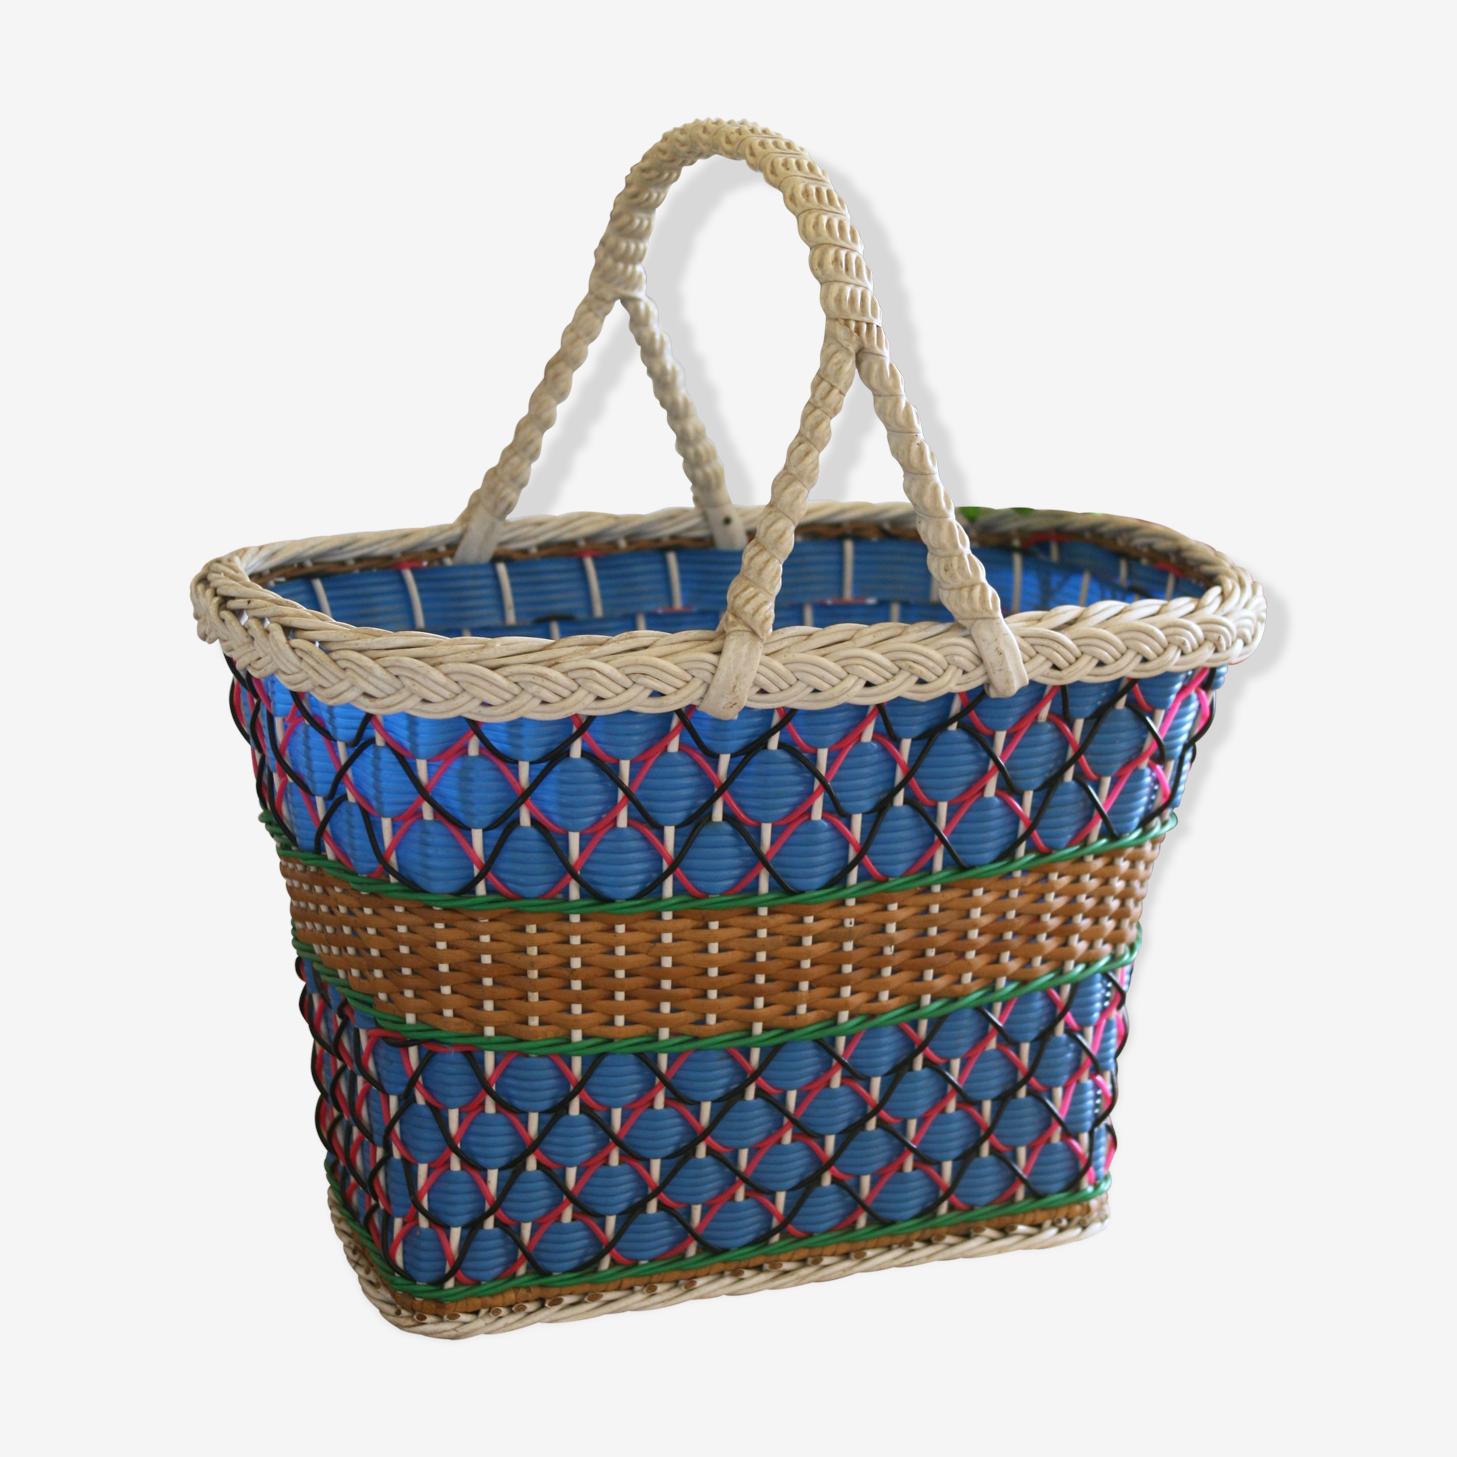 Panier en osier et fils plastique tressés multicolore, scoubidou des années 50 vintage